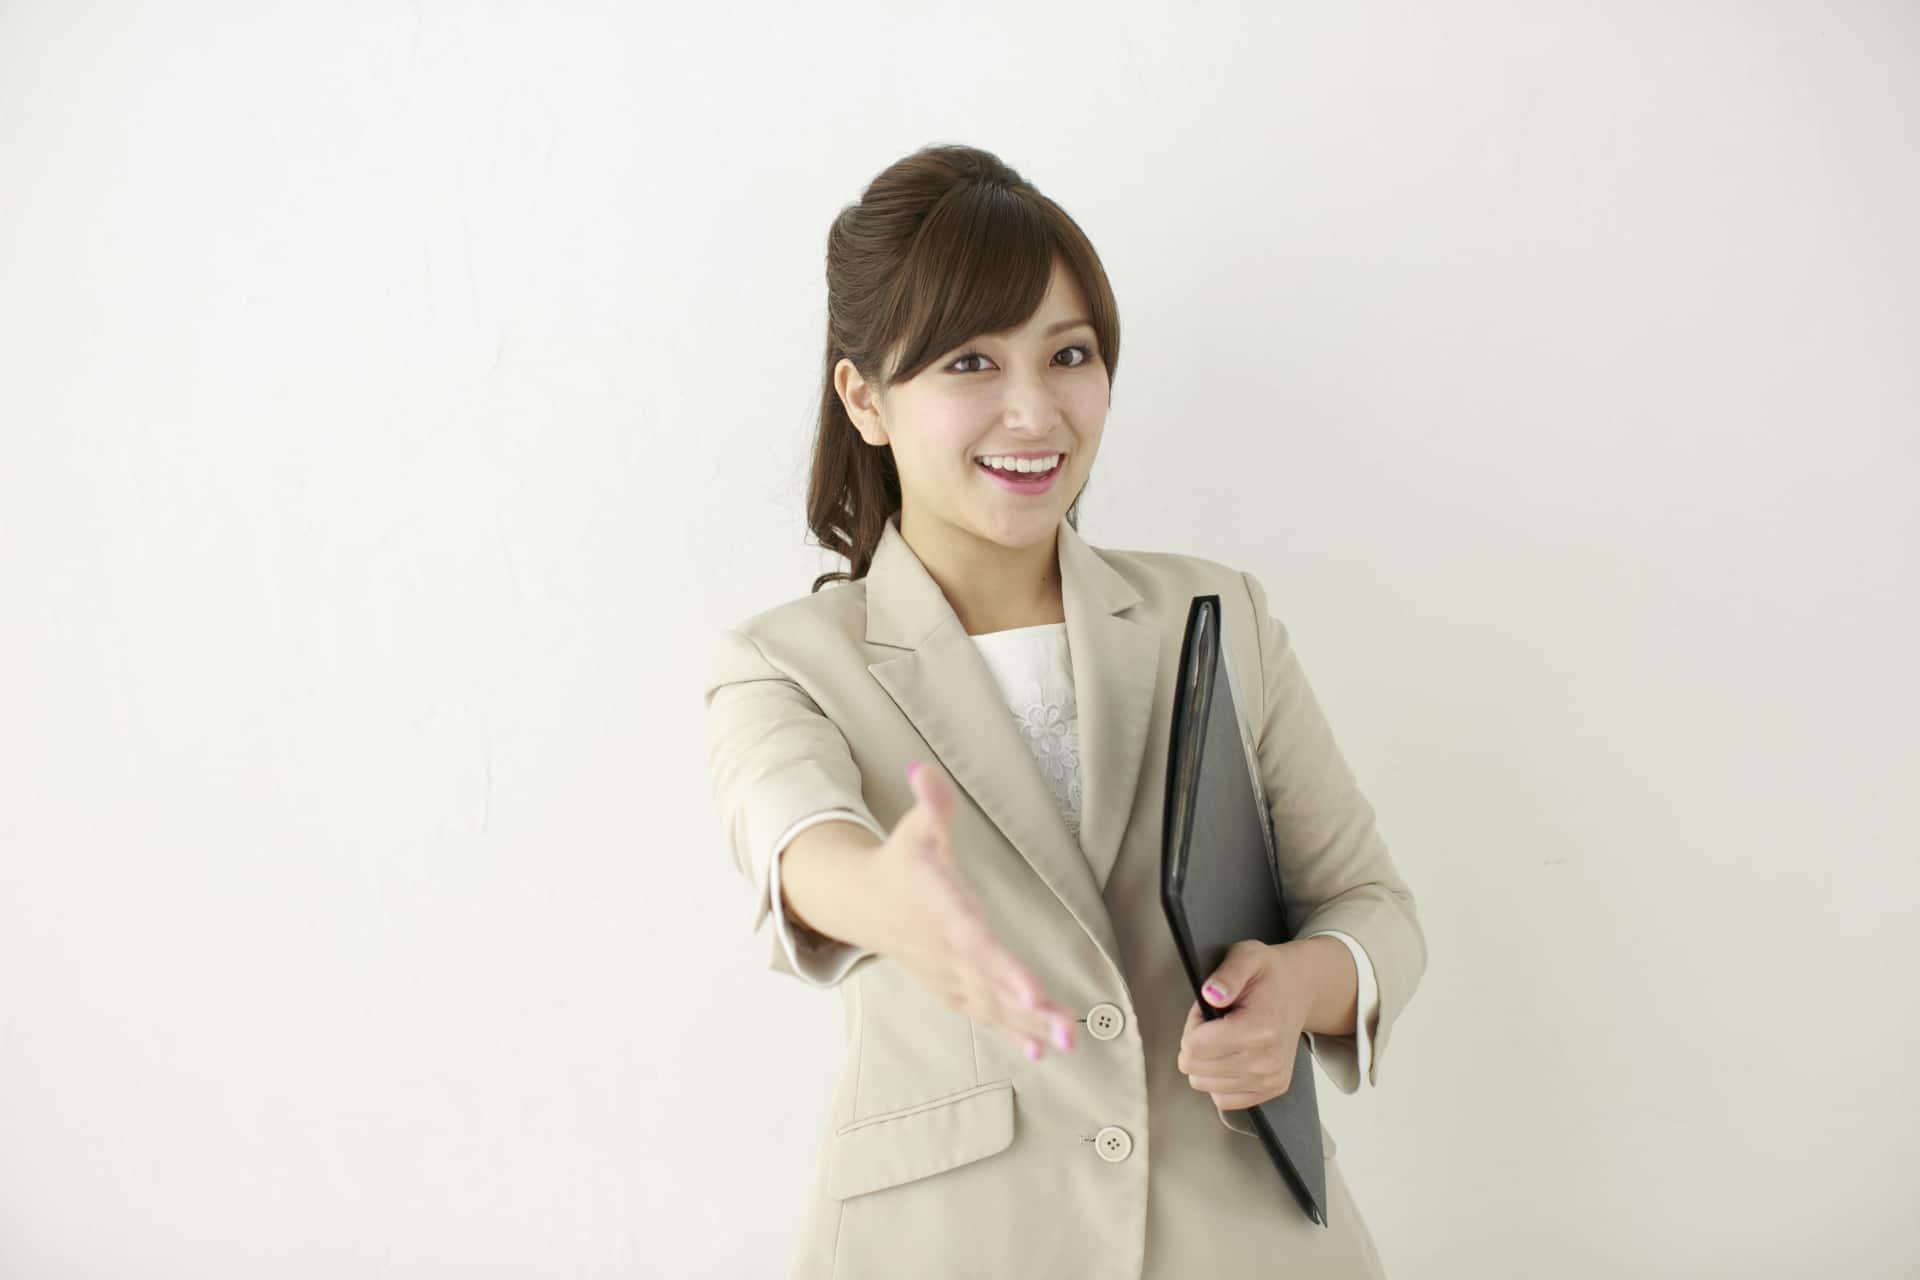 握手をもとめる女性